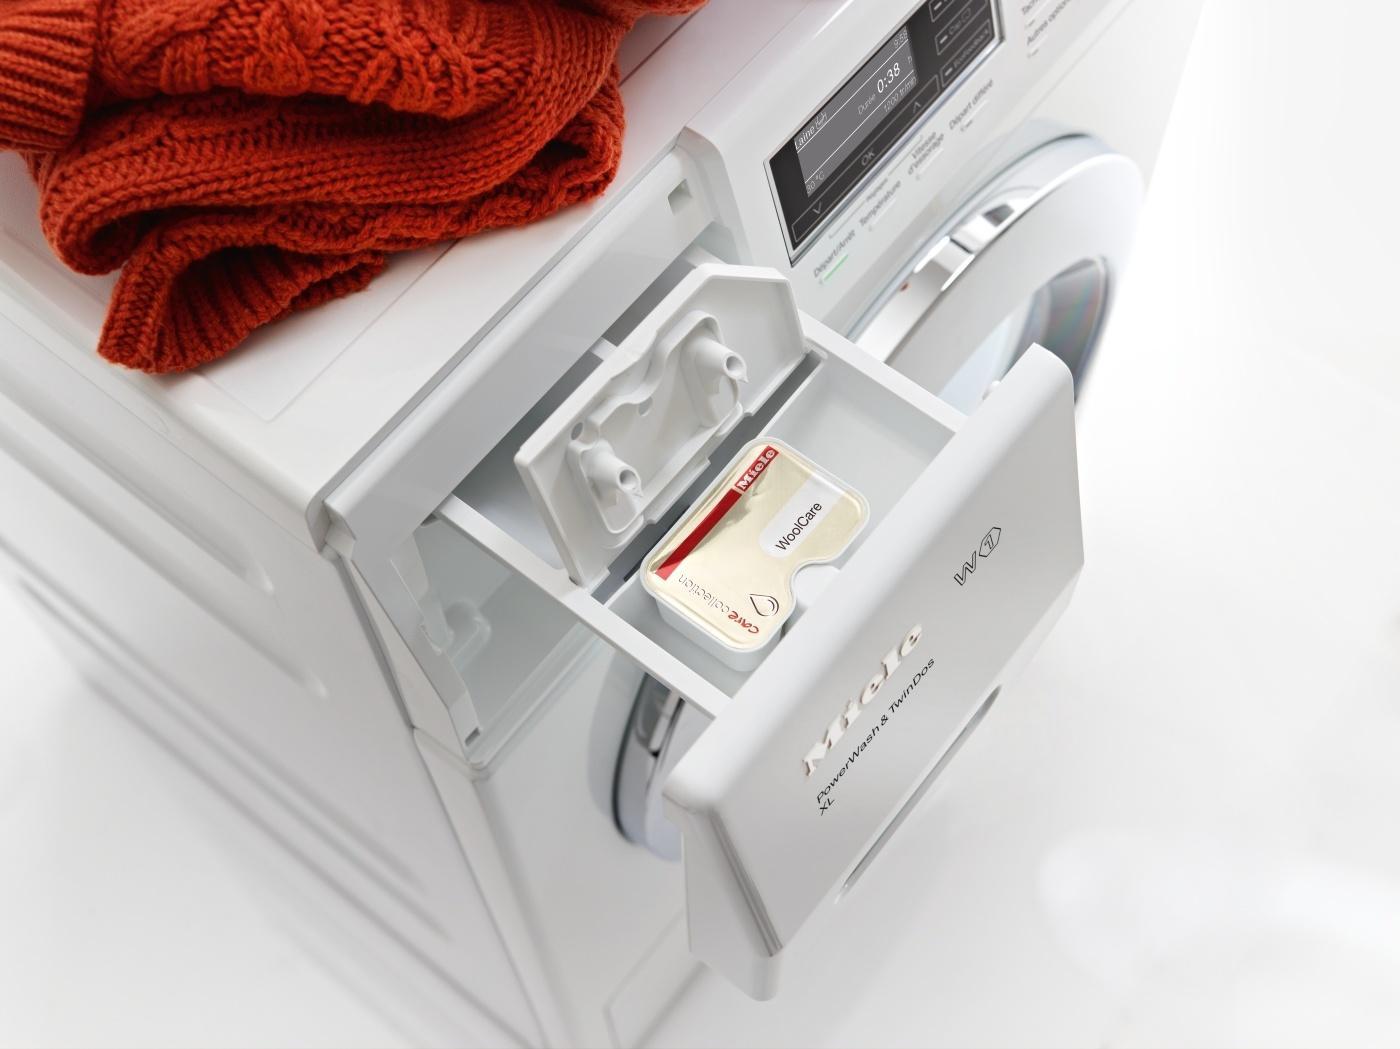 miele wdb 005 wcs waschmaschine mit h chster energieeffizienzklasse a 175 kwh jahr. Black Bedroom Furniture Sets. Home Design Ideas